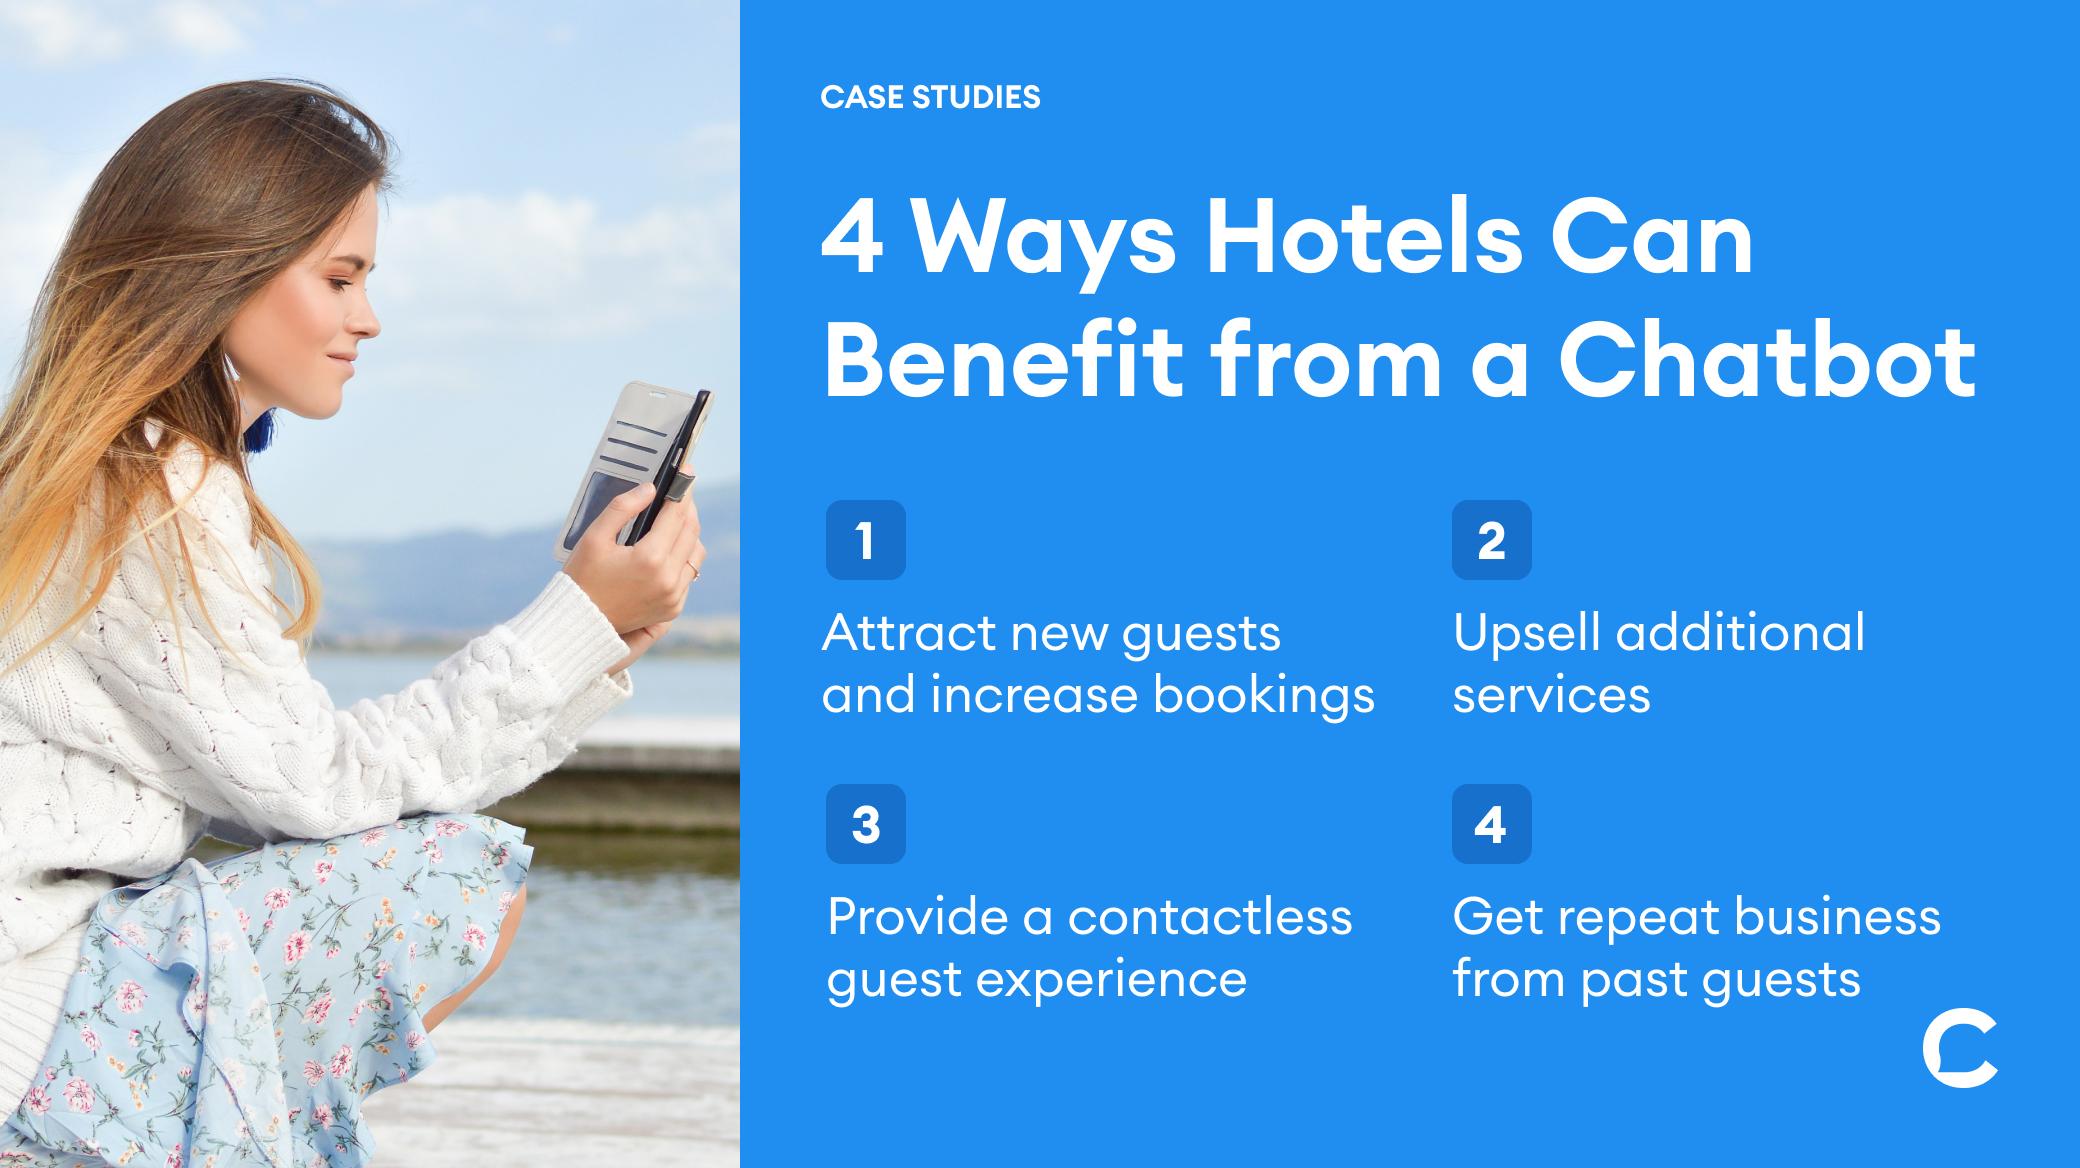 Startup xây dựng Messenger Chatbot để trợ giúp khách sạn thông qua COVID-19 4